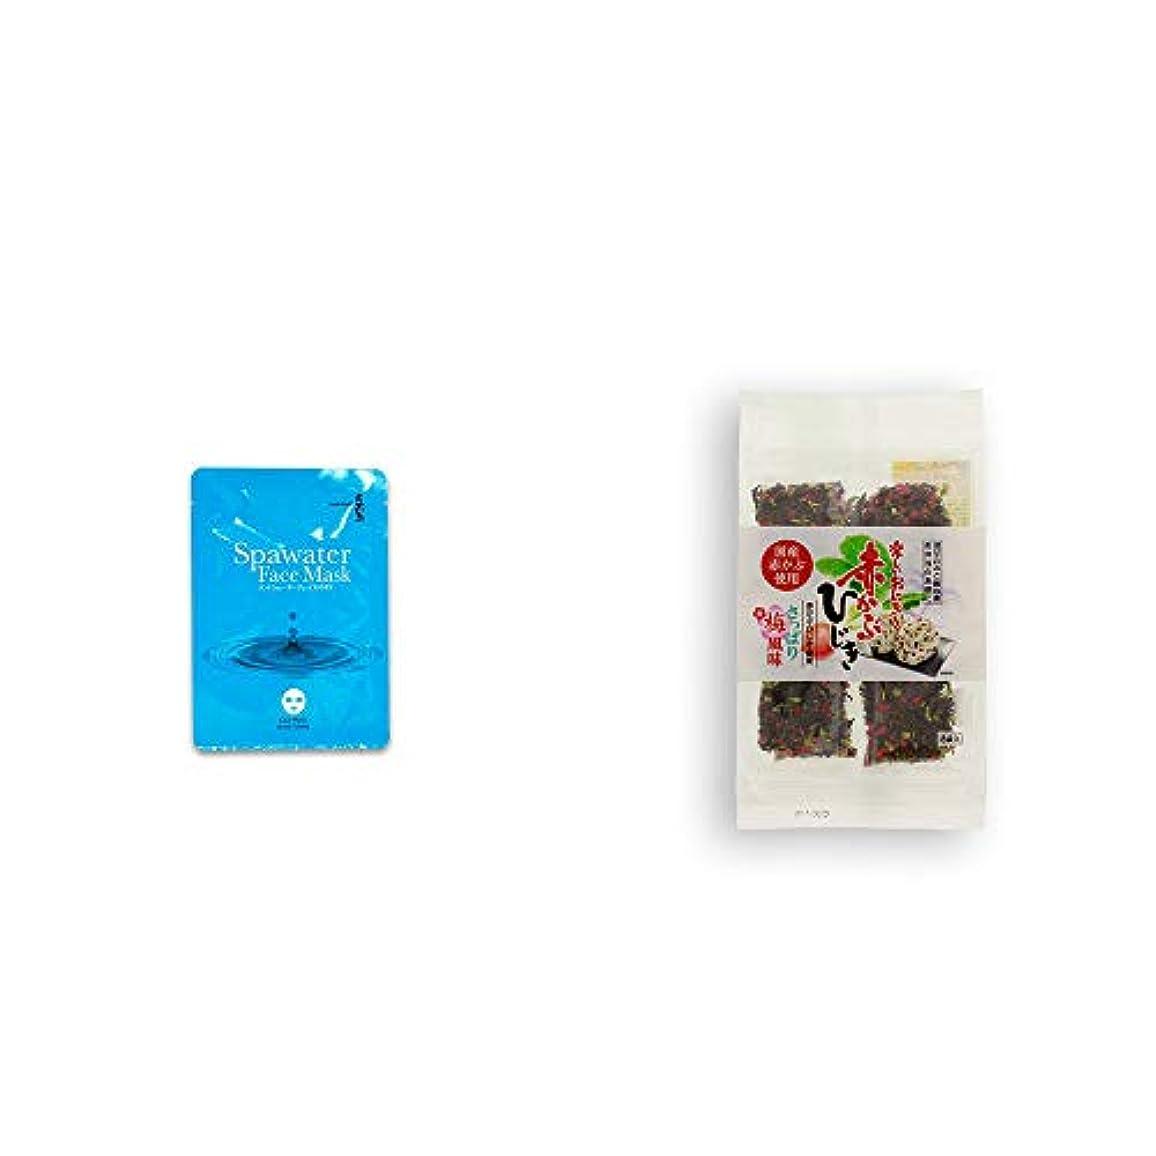 展望台肥沃なサバント[2点セット] ひのき炭黒泉 スパウォーターフェイスマスク(18ml×3枚入)?楽しいおにぎり 赤かぶひじき(8g×8袋)